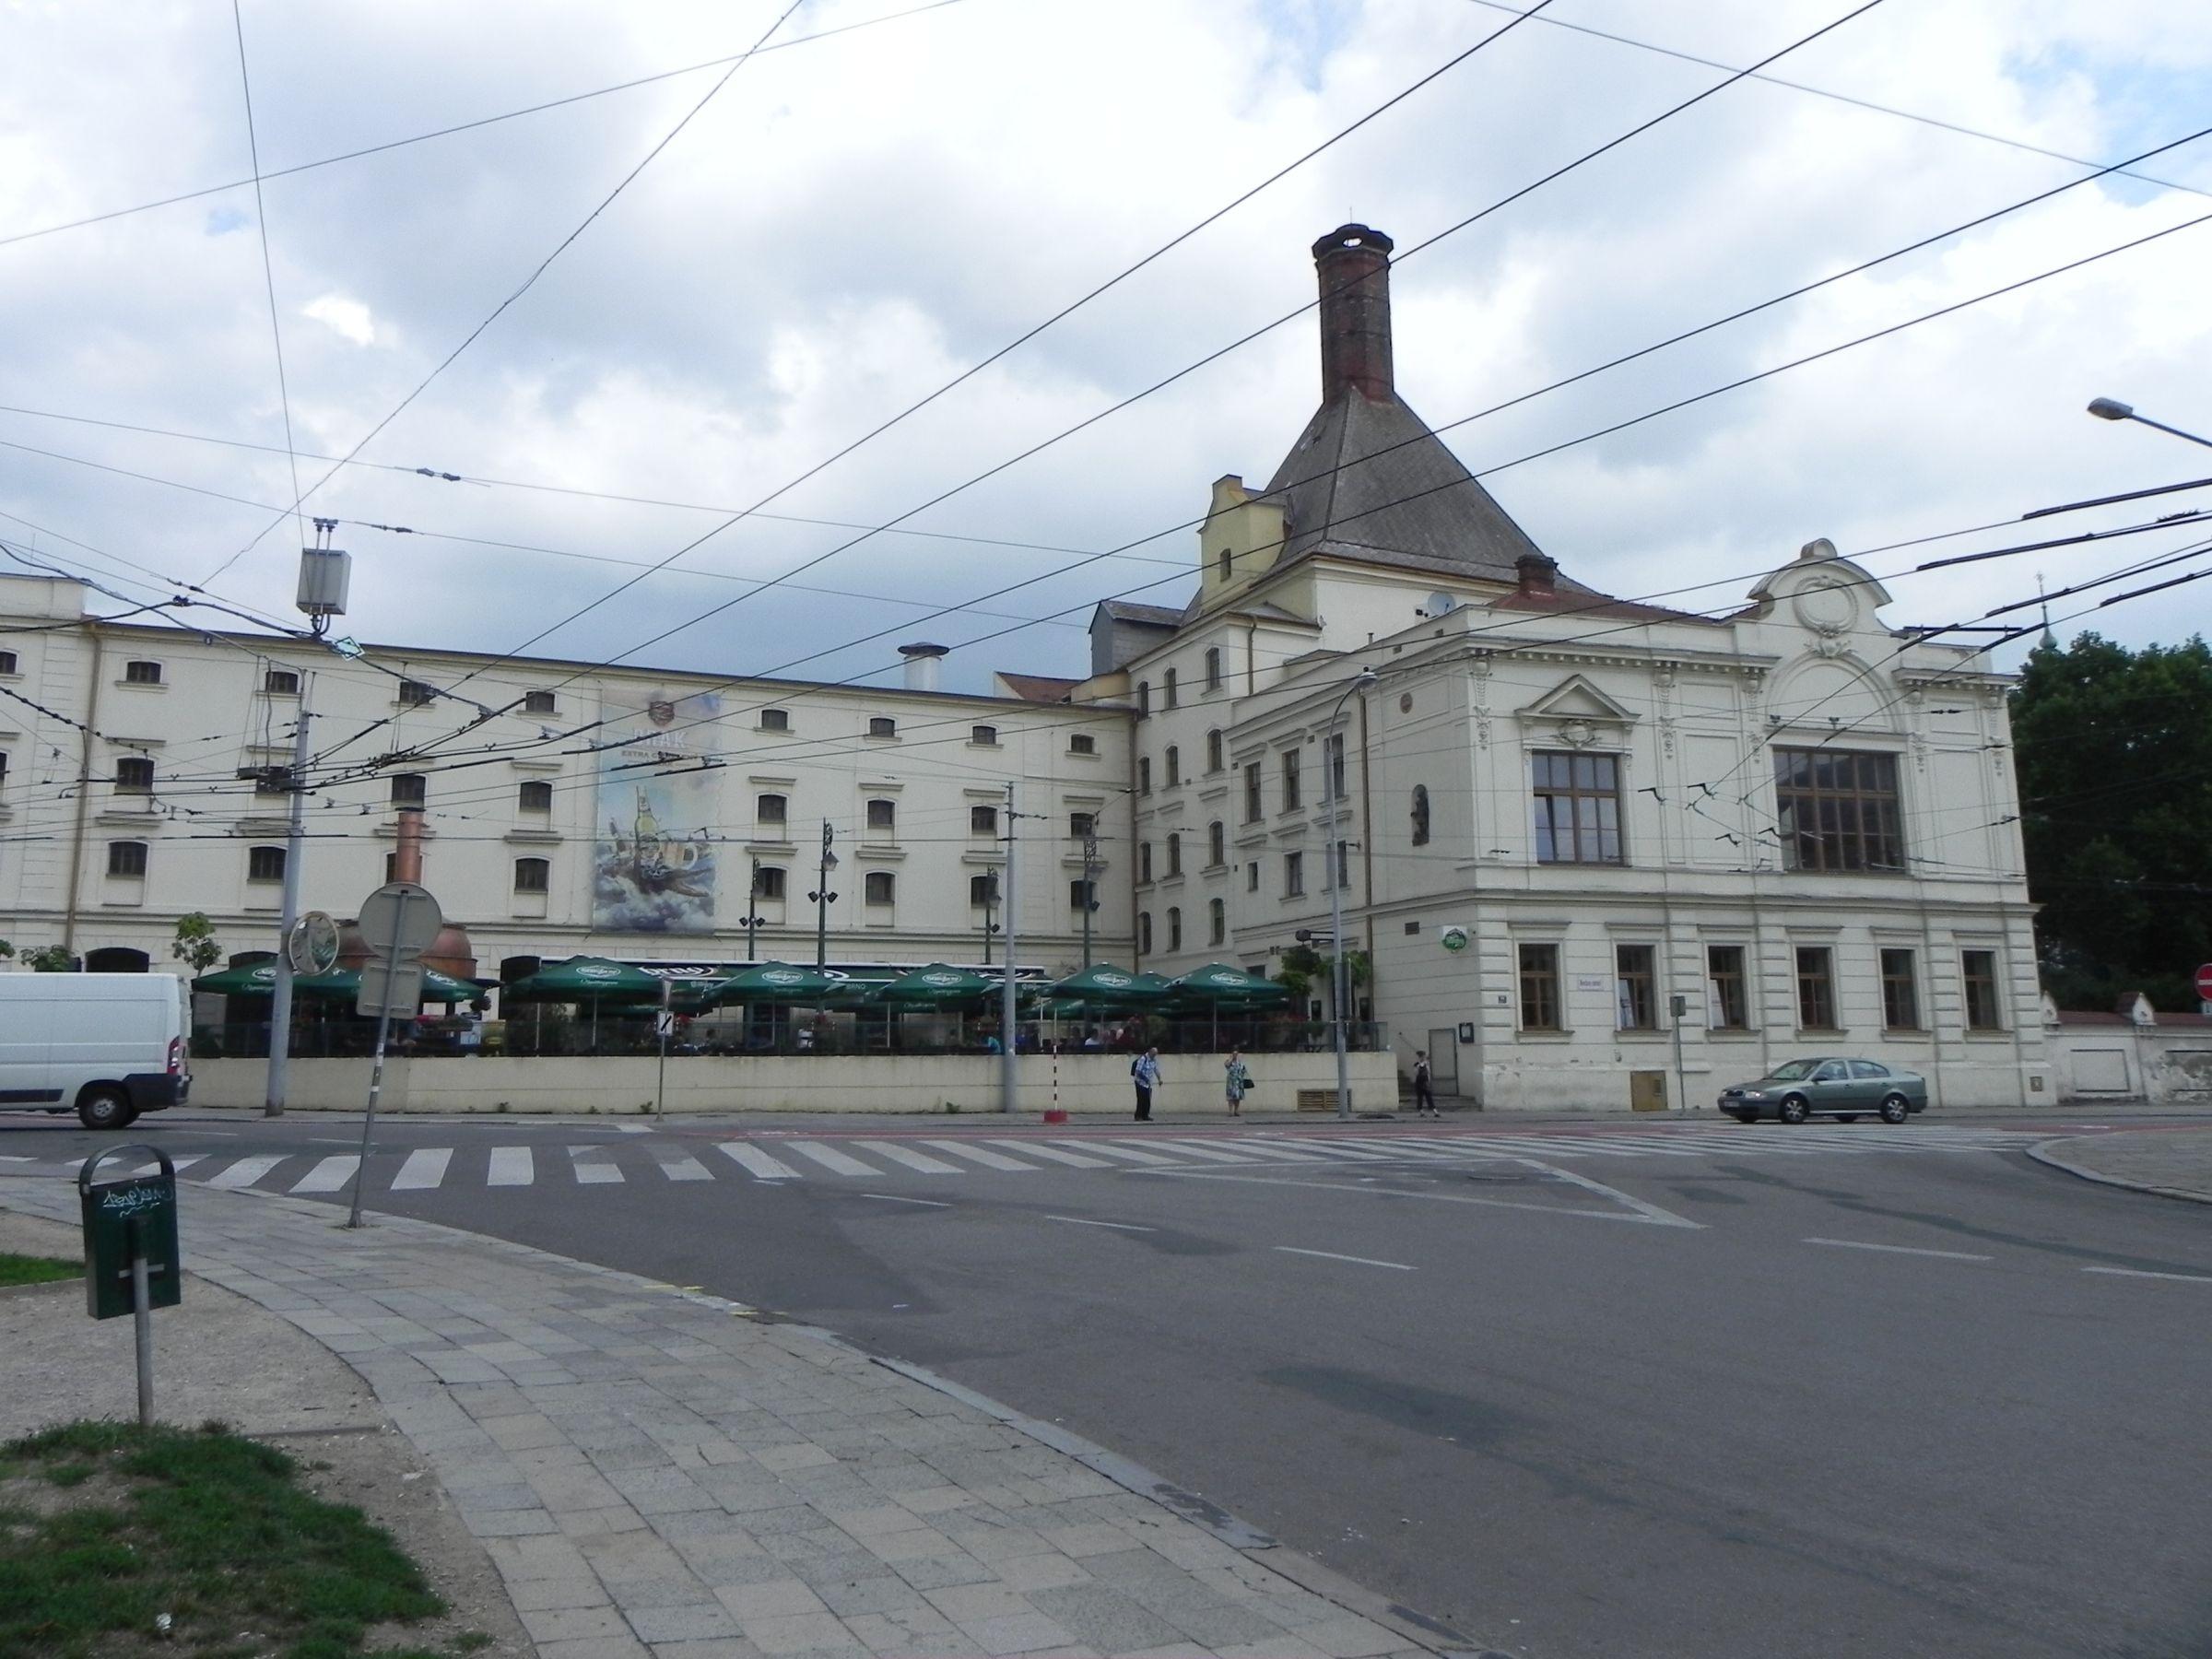 Mendel Square (Mendlovo náměstí), Starobrno brewery in Brno